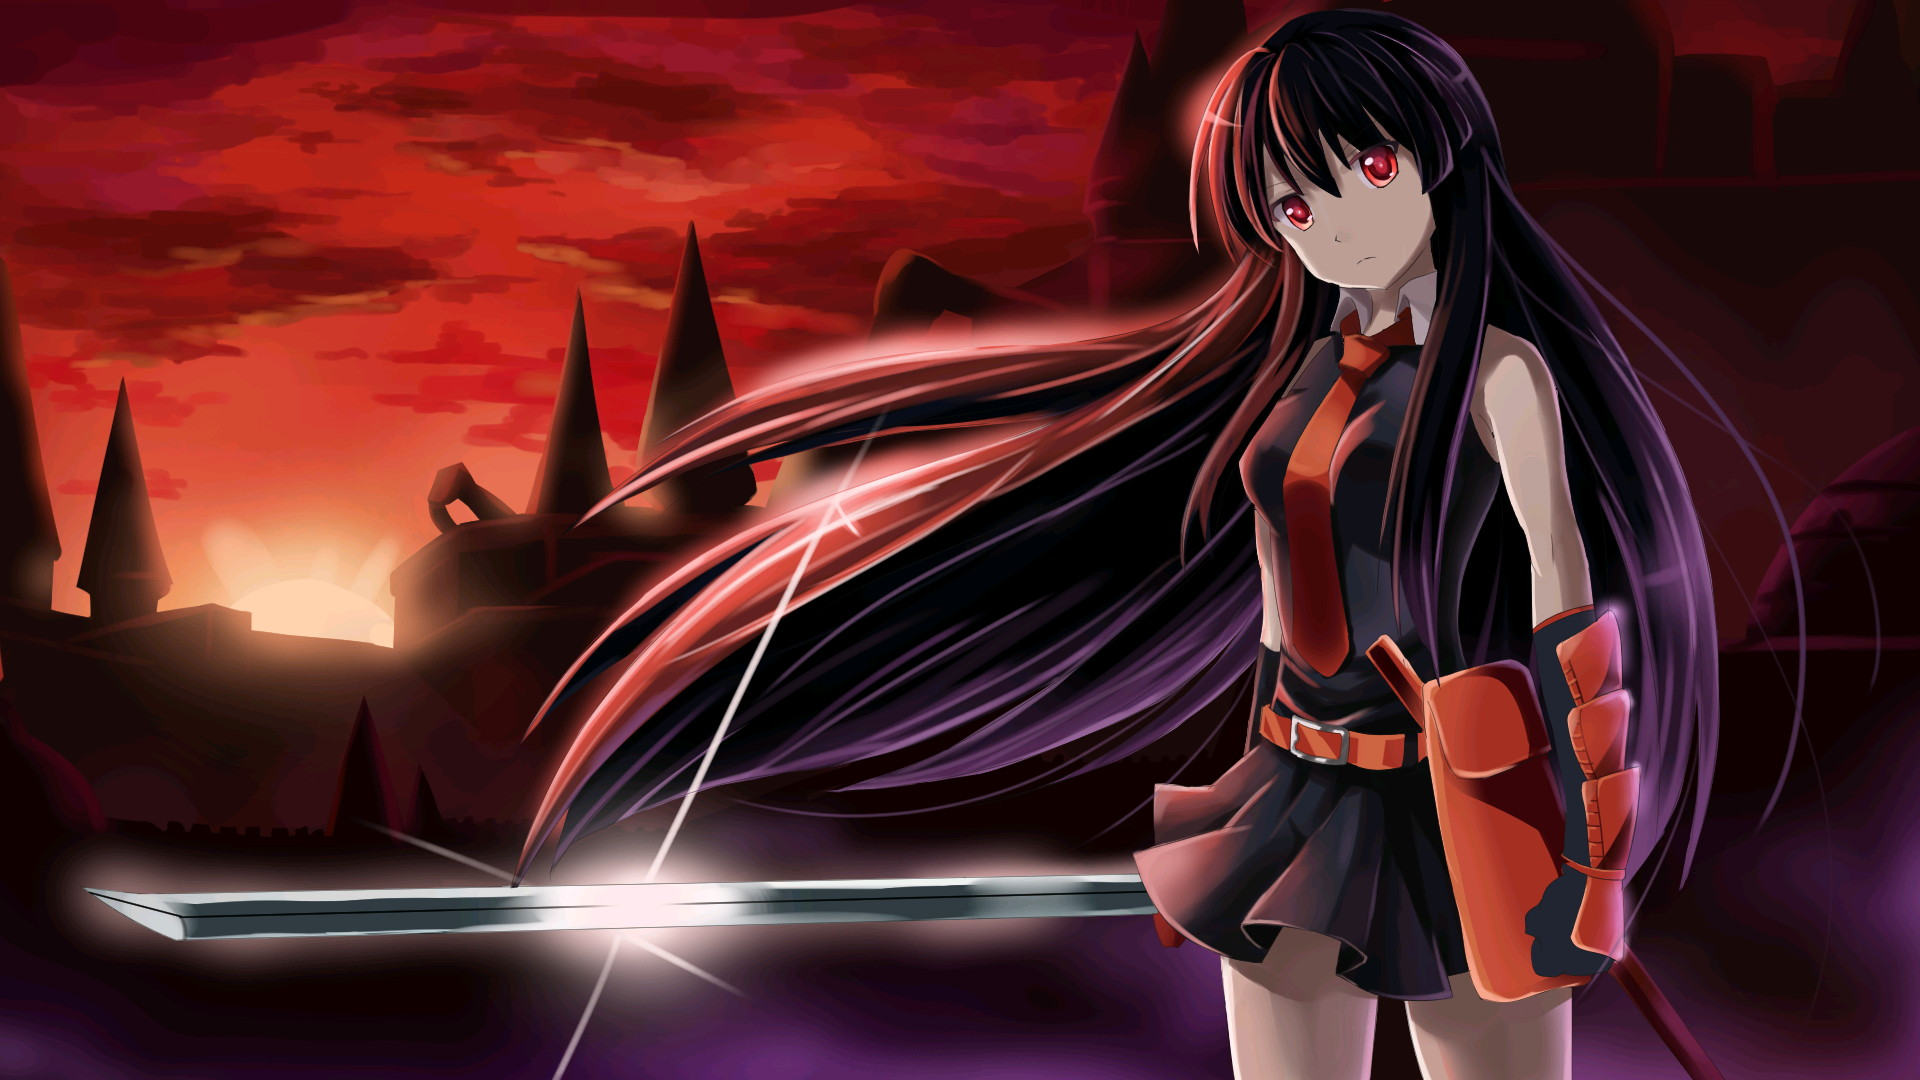 Akame Ga Kill Wallpapers Anime Hq Akame Ga Kill Pictures 4k Wallpapers 2019